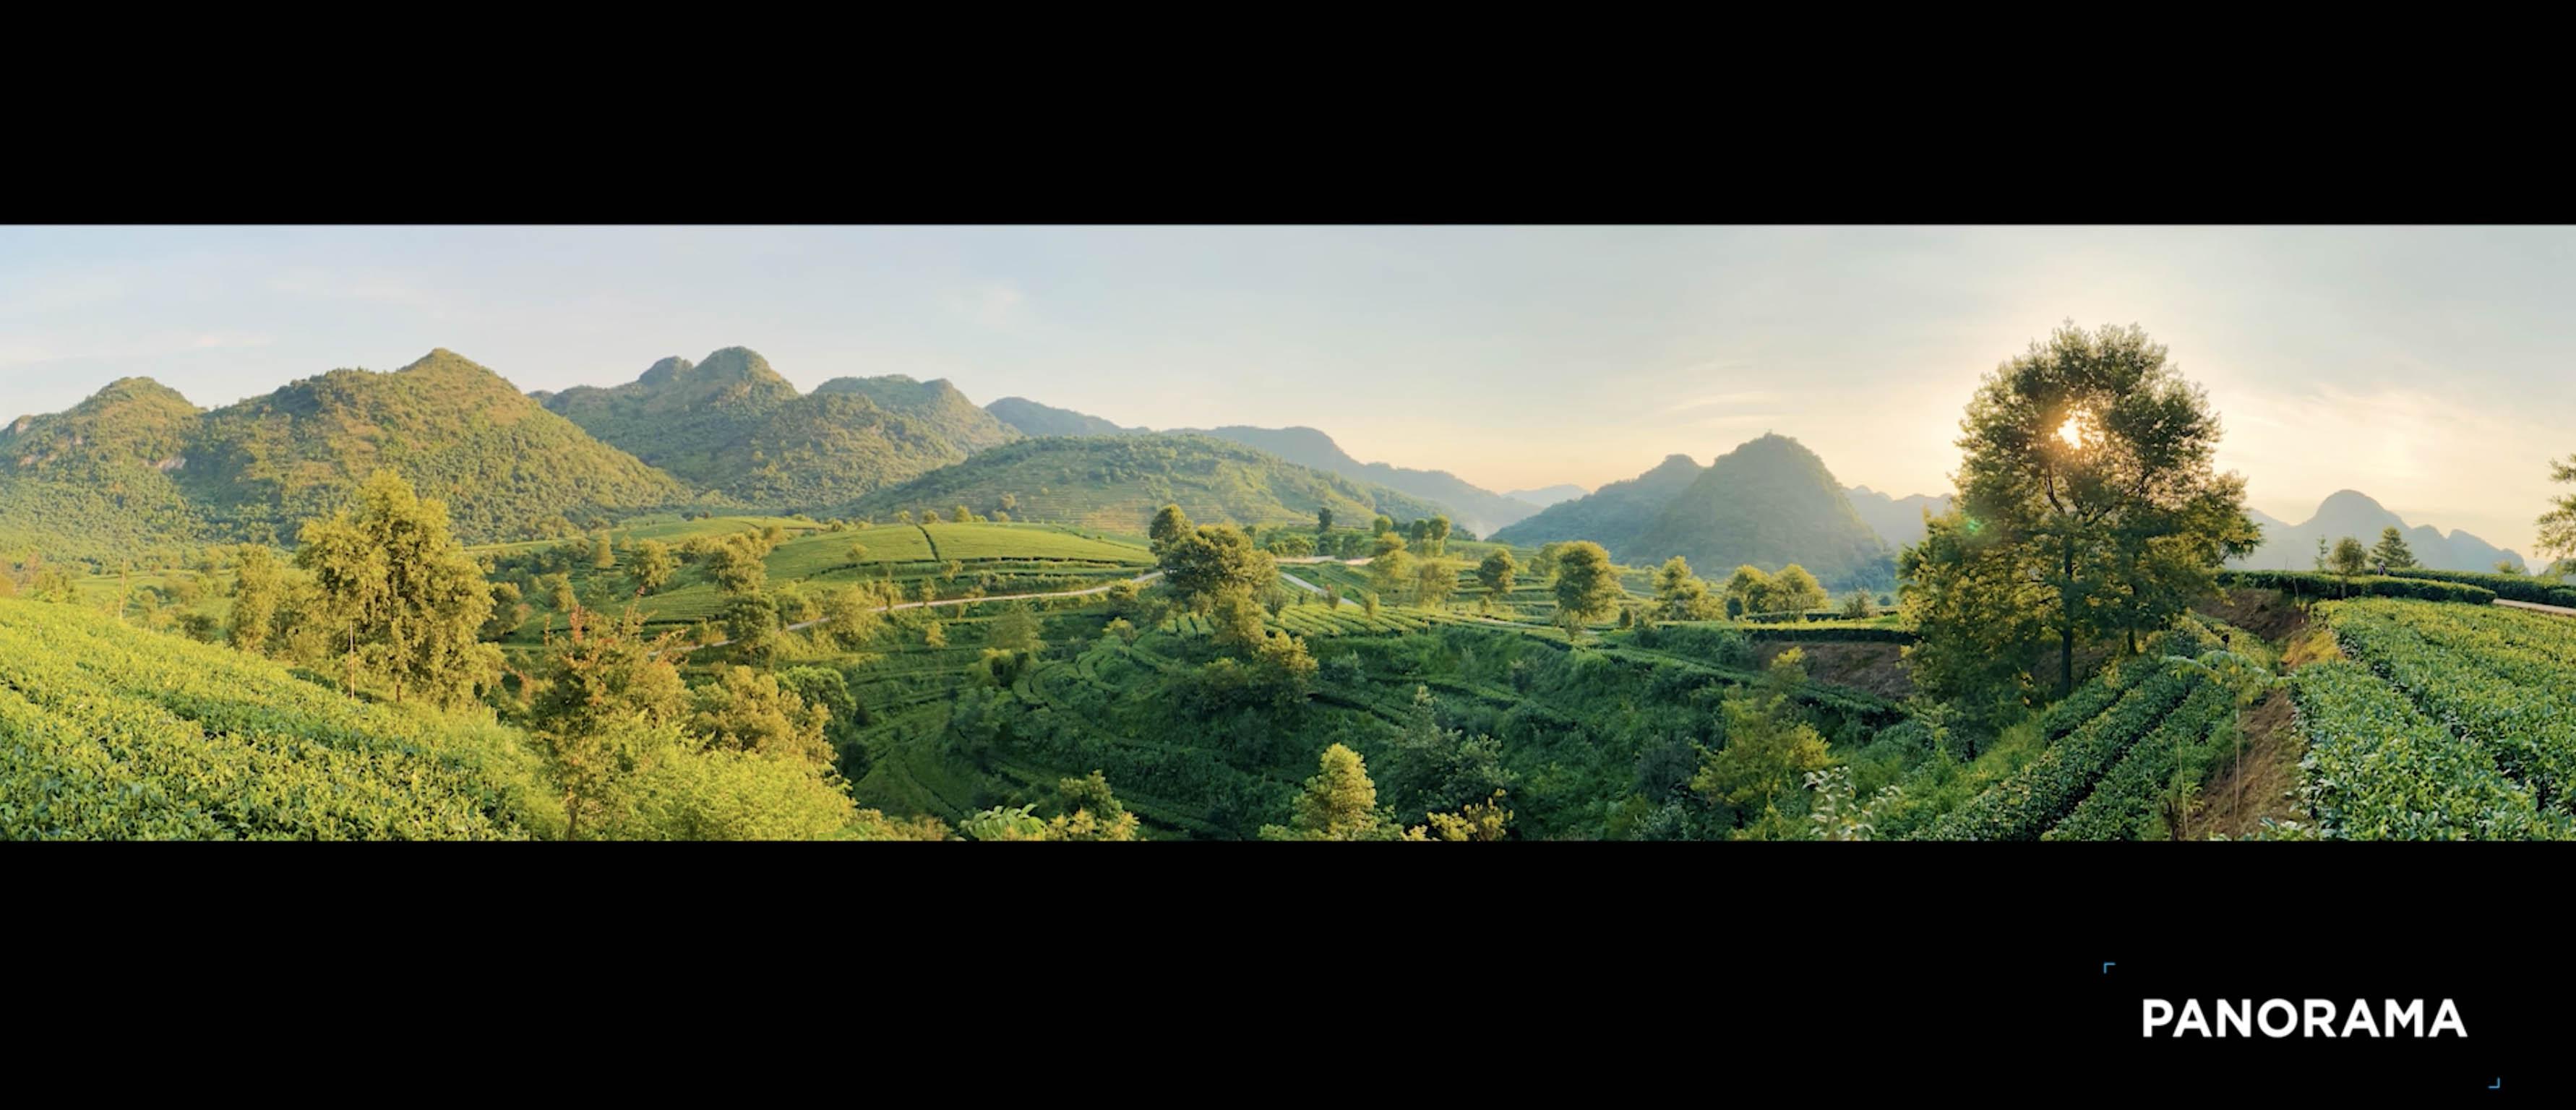 DJI OM 4 3X3 panorama